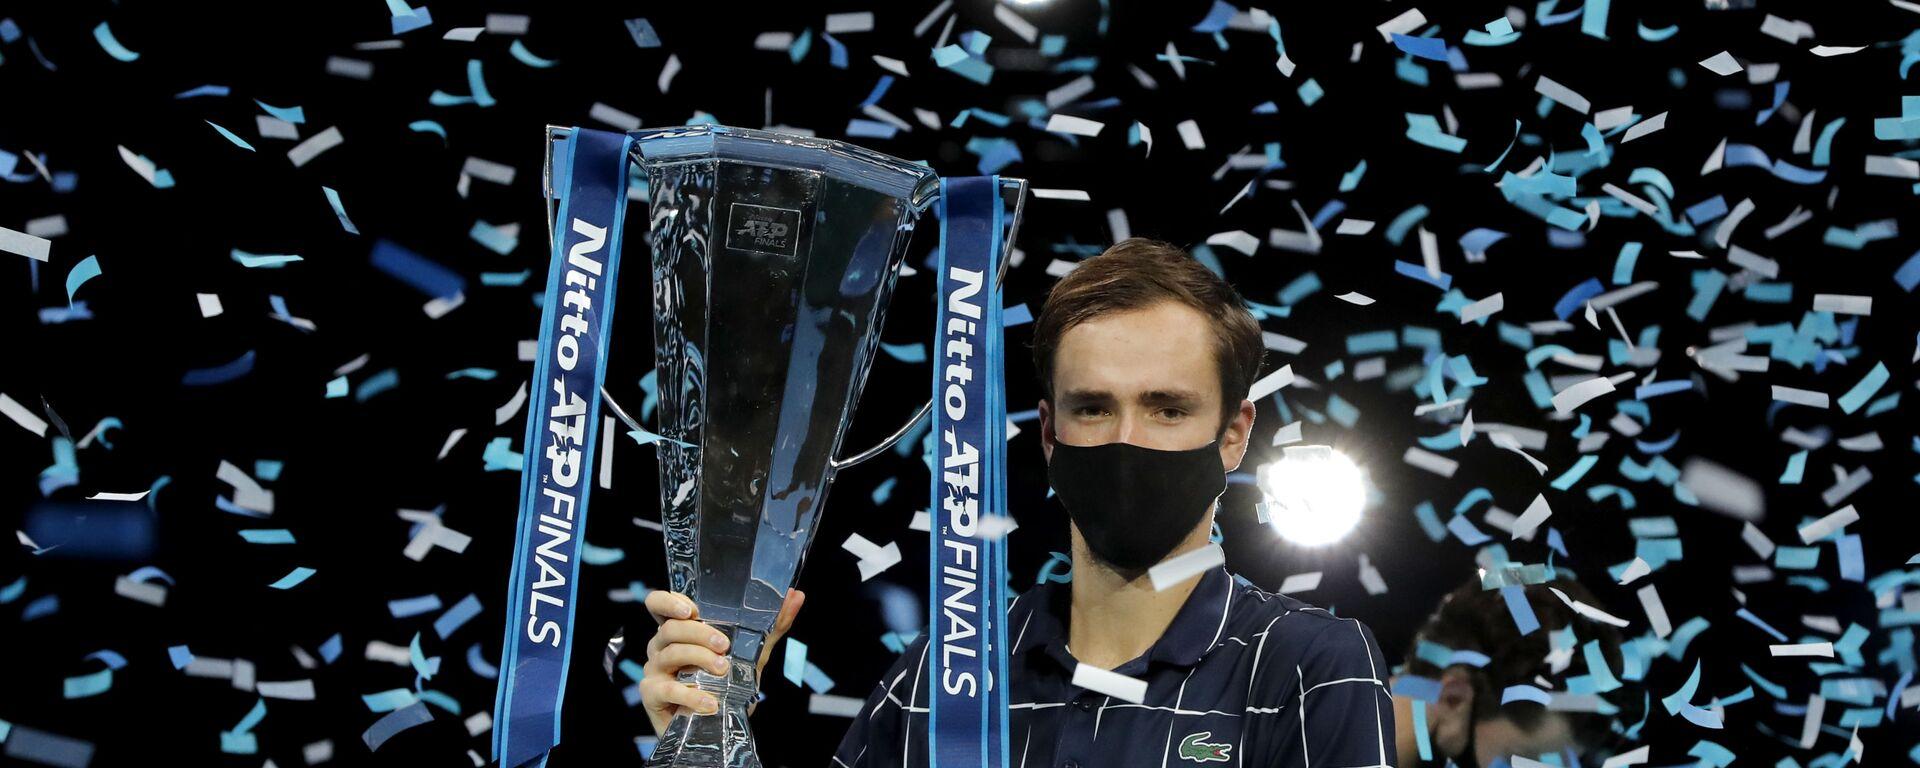 Ο Ντανιίλ Μεντβέντεφ στο ATP Finals 2020 - Sputnik Ελλάδα, 1920, 23.11.2020